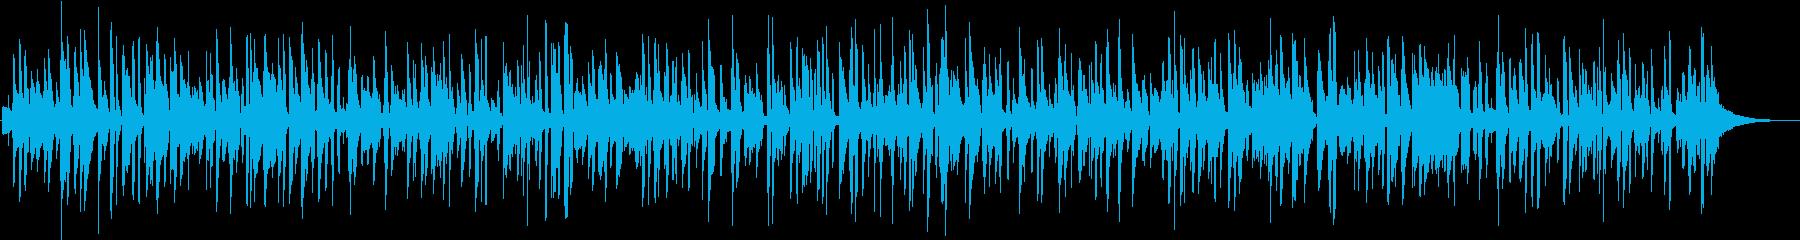 ピアノジャズ、YouTubeおしゃれ映像の再生済みの波形